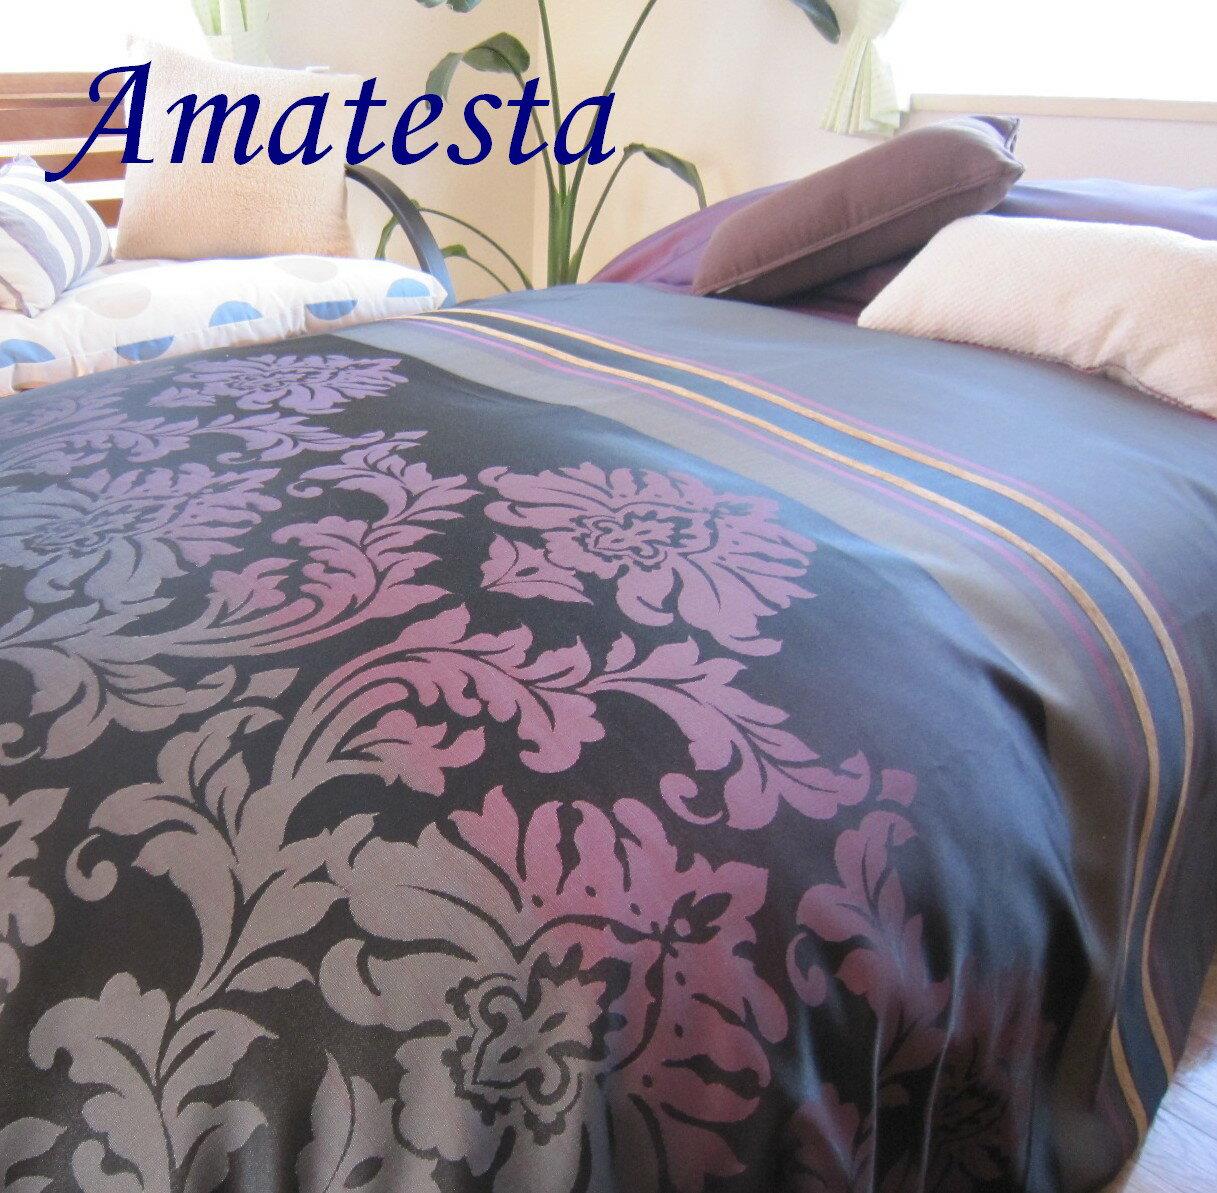 ベッドスプレッド シングル 180×270 cm アマテスタ purple スペイン製 日本仕様 ジャガード織 リバーシブル 1.0 kg 超広幅生地&デザイン 継ぎ目が無い ベッドカバー ホテル仕様 マルチカバー ギフト プレゼント ご家庭洗濯可